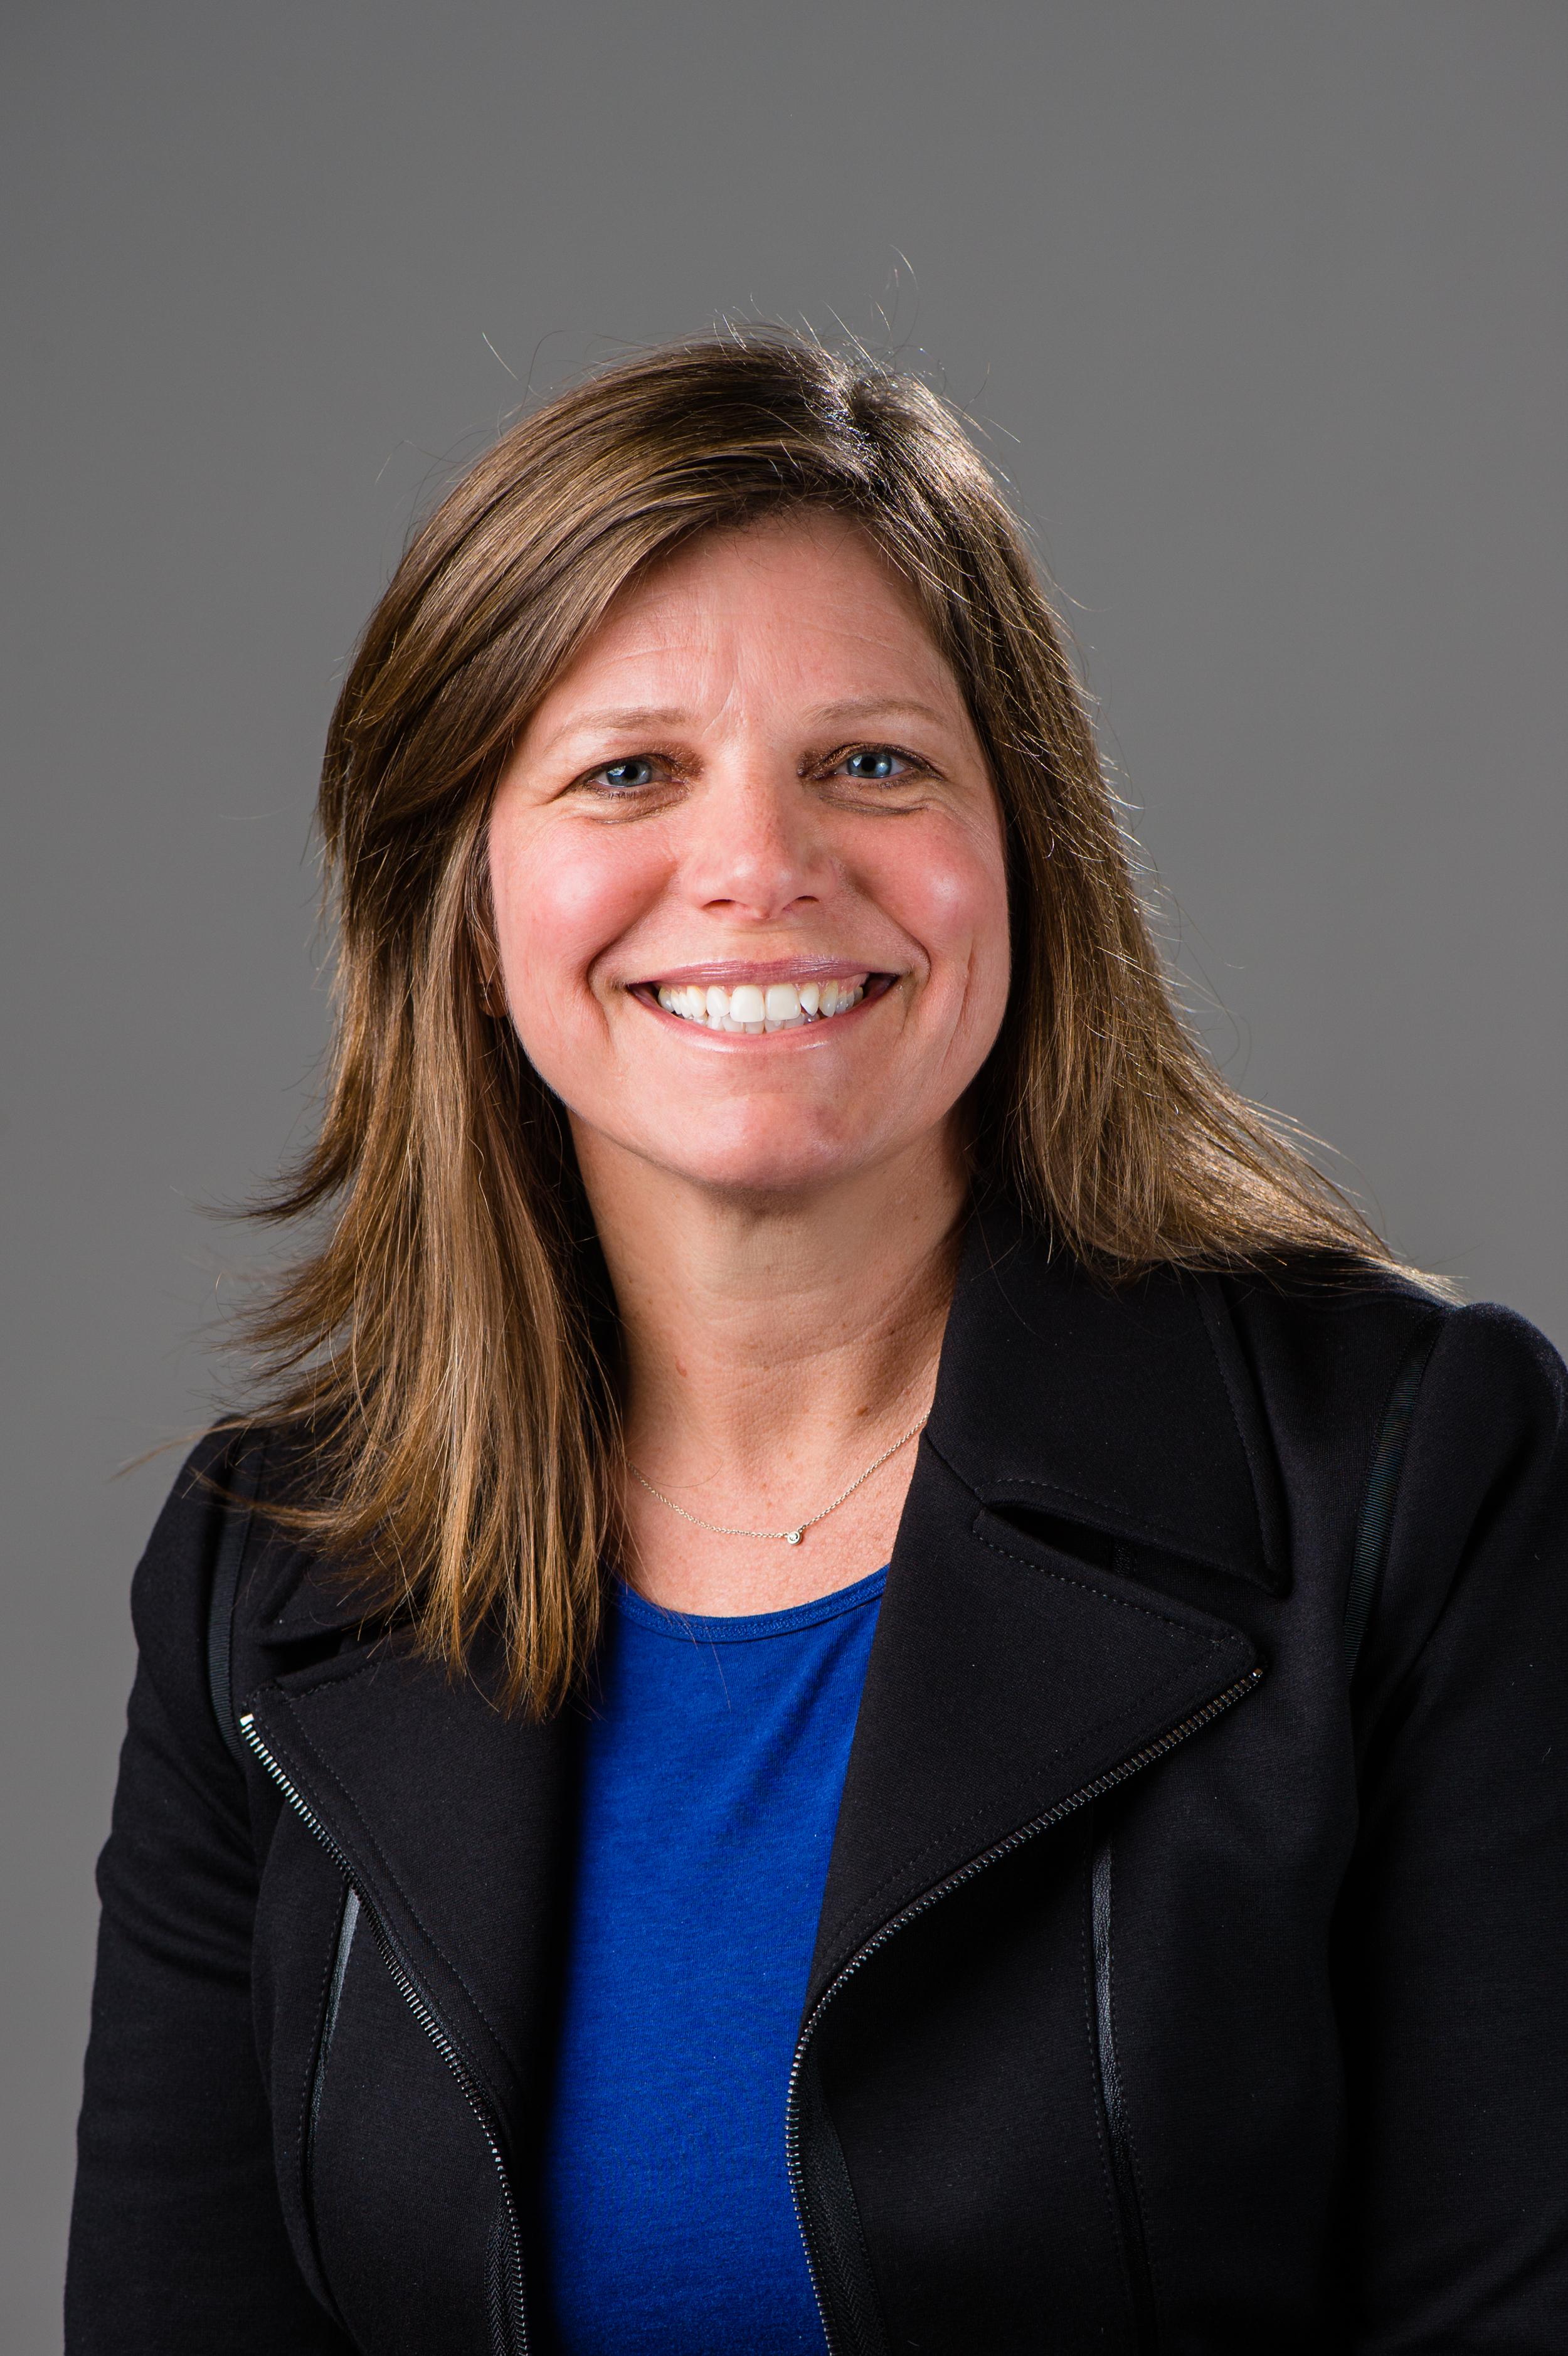 Cheryl Akers.JPG